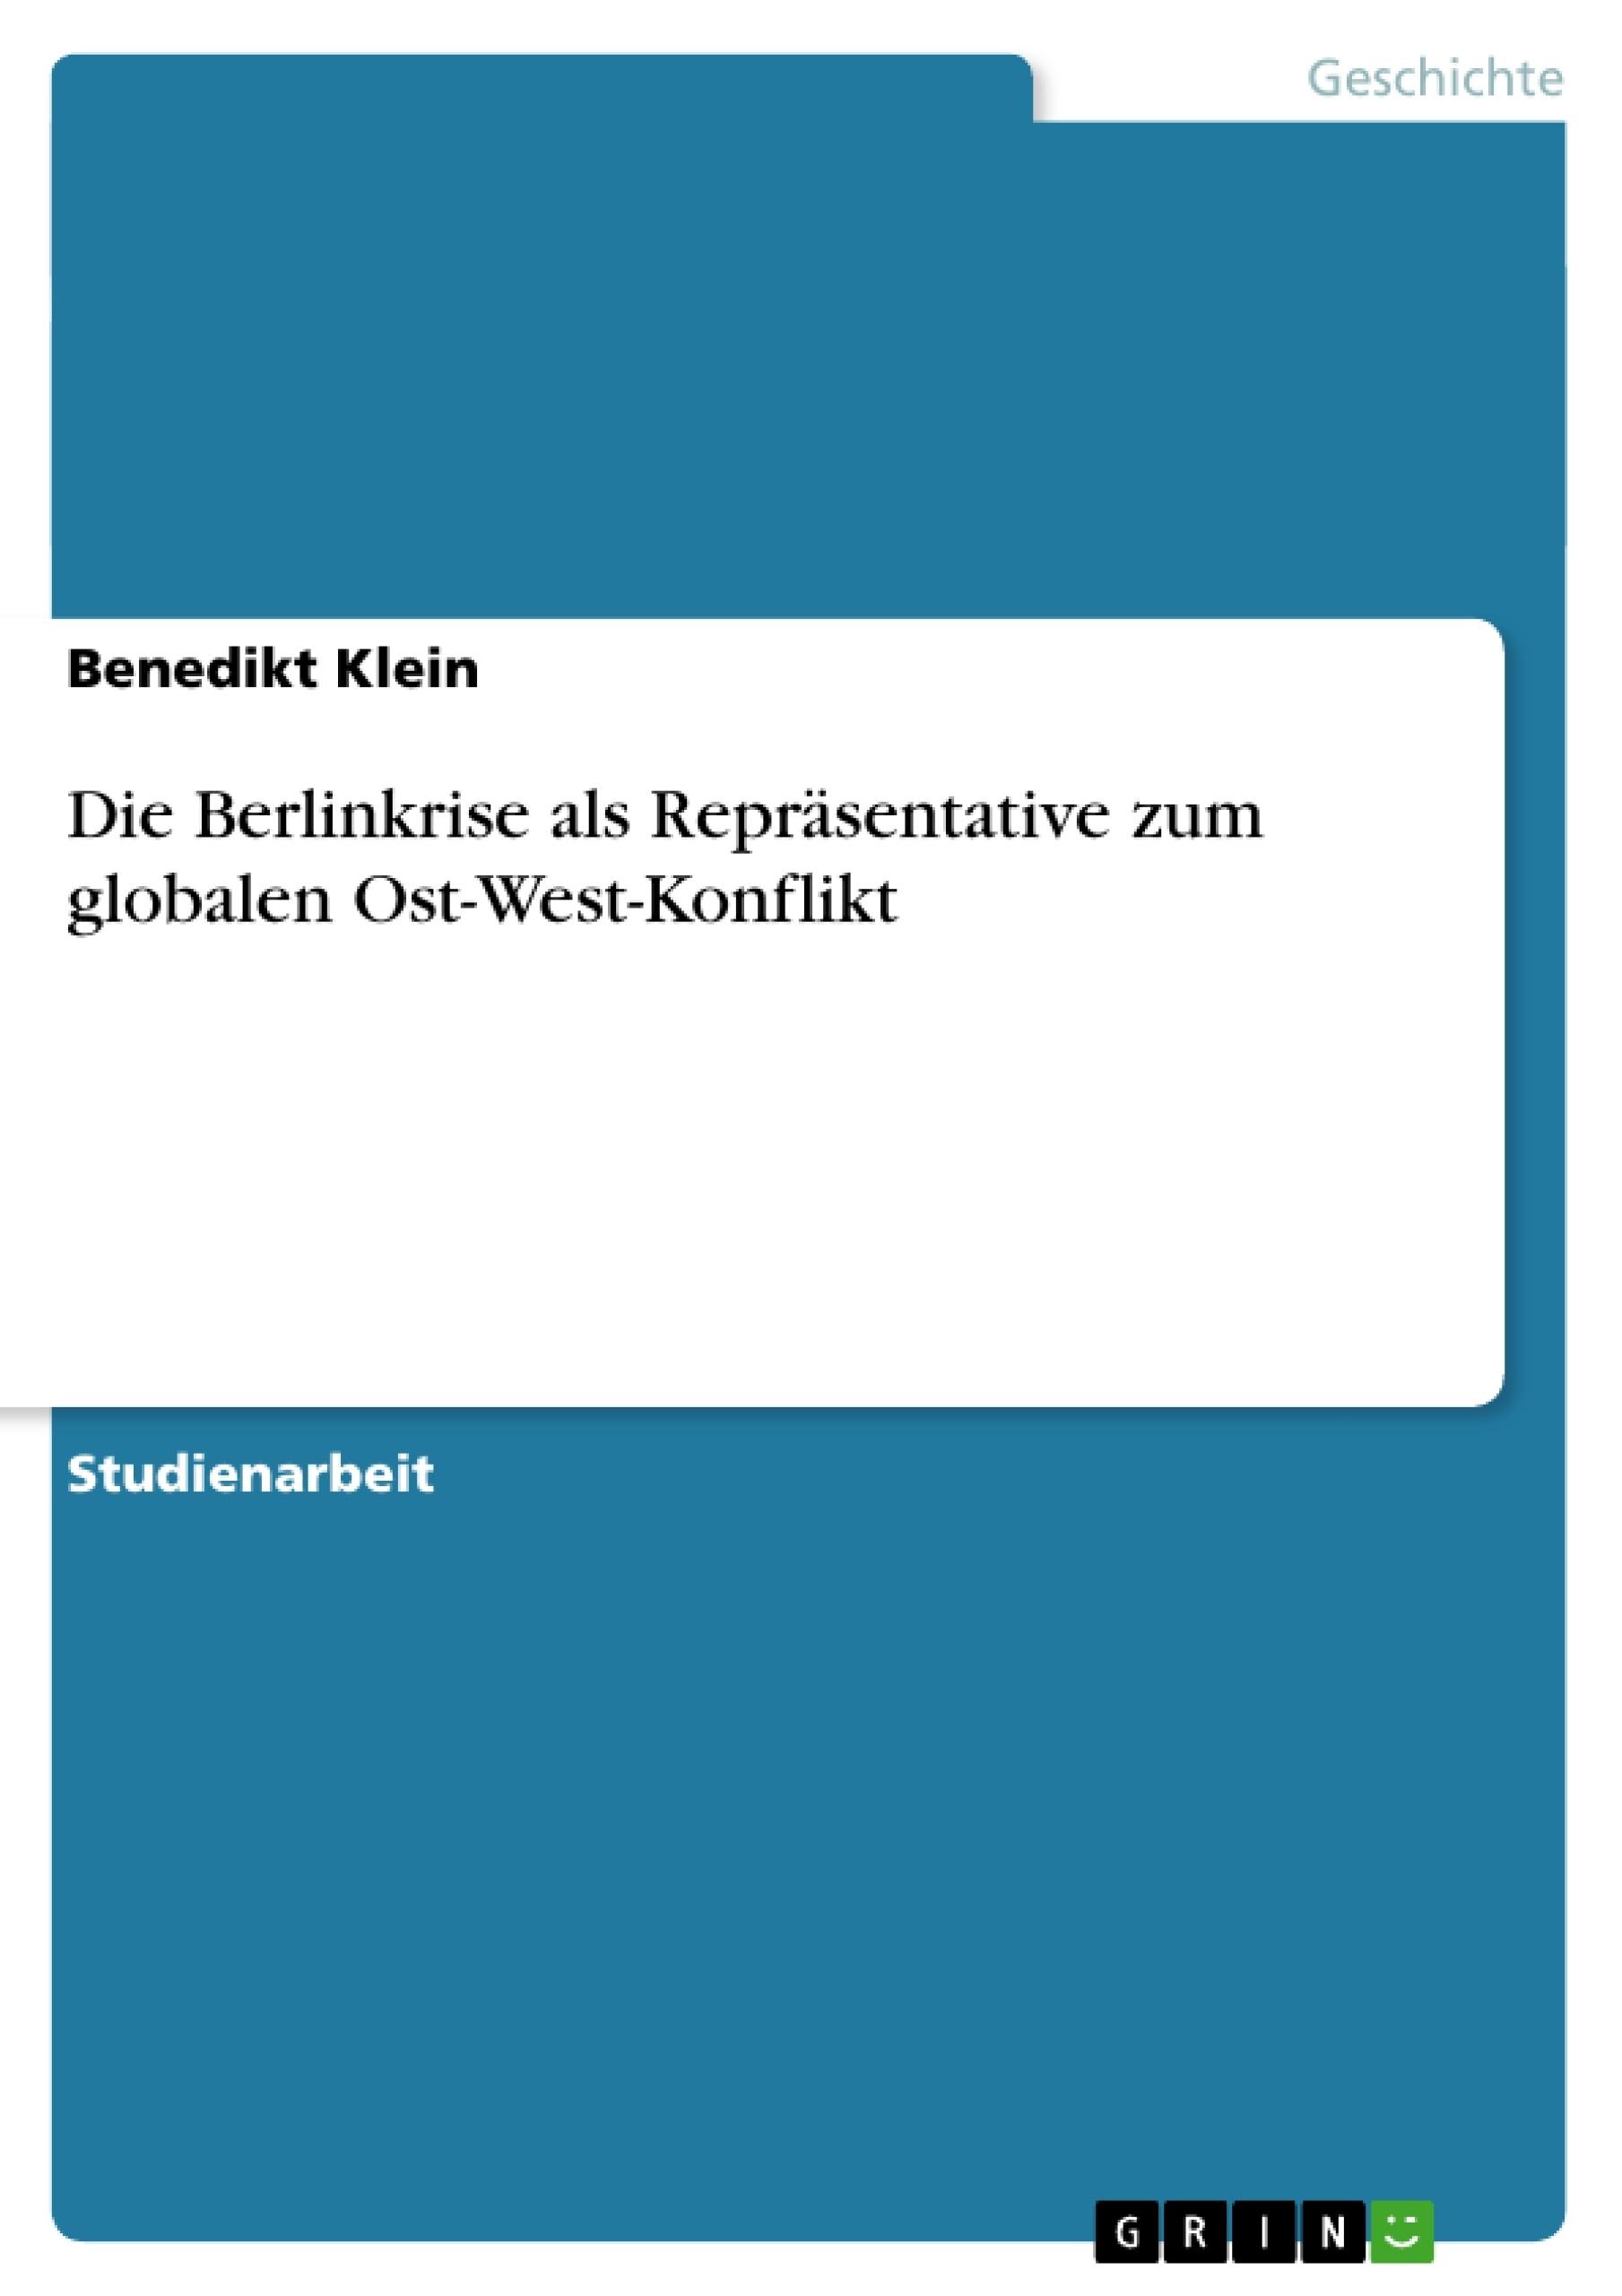 Titel: Die Berlinkrise als Repräsentative zum globalen Ost-West-Konflikt